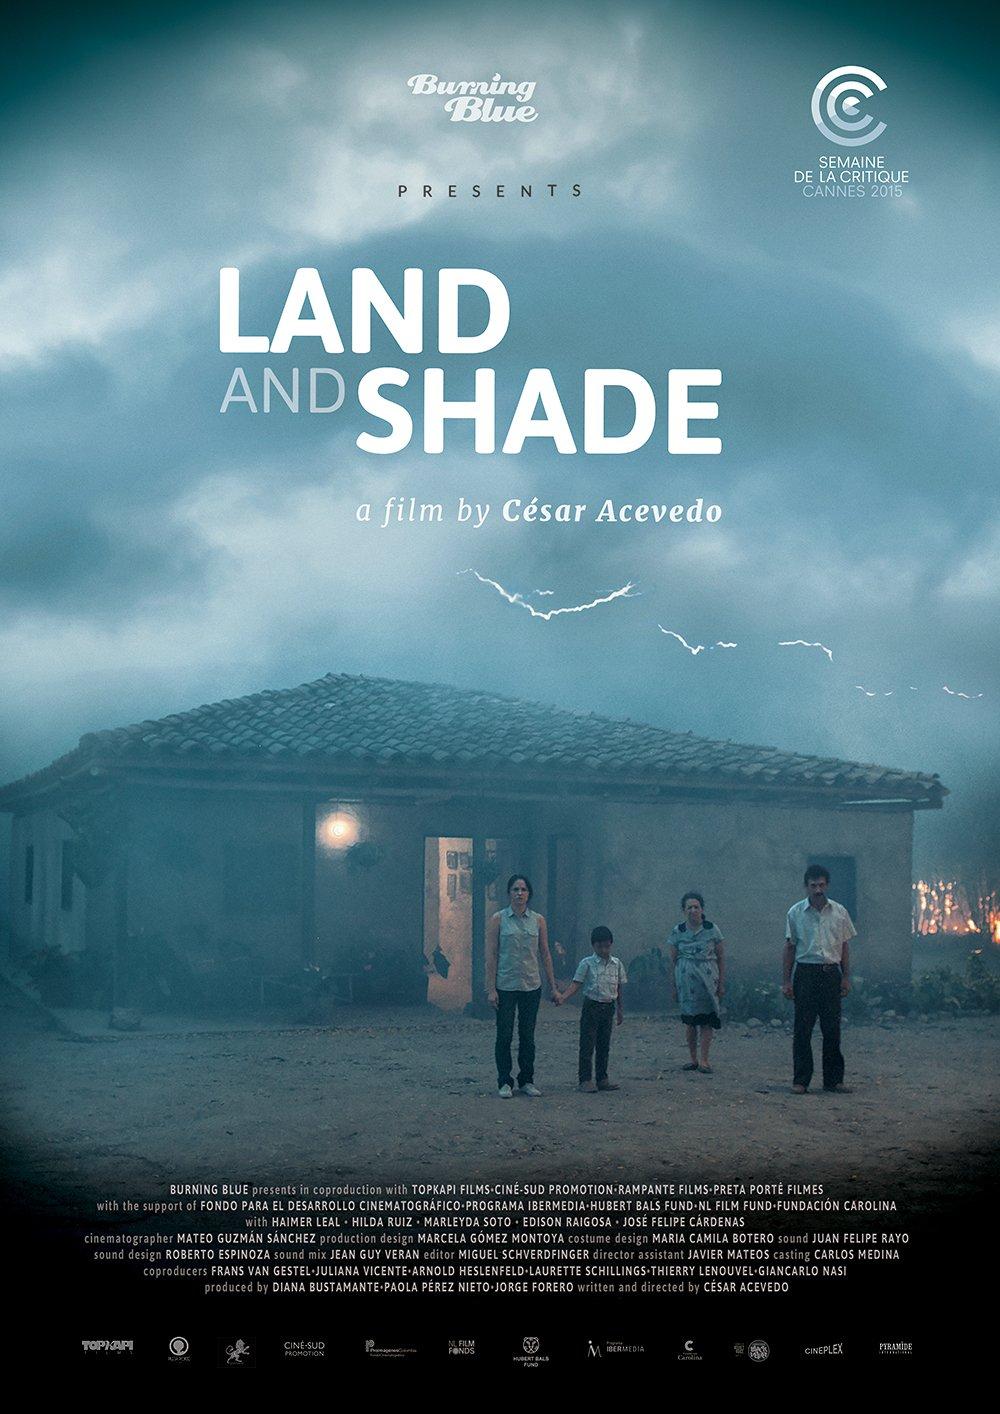 Amazon.com: Land and Shade: José Felipe Cárdenas, Haimer Leal ...